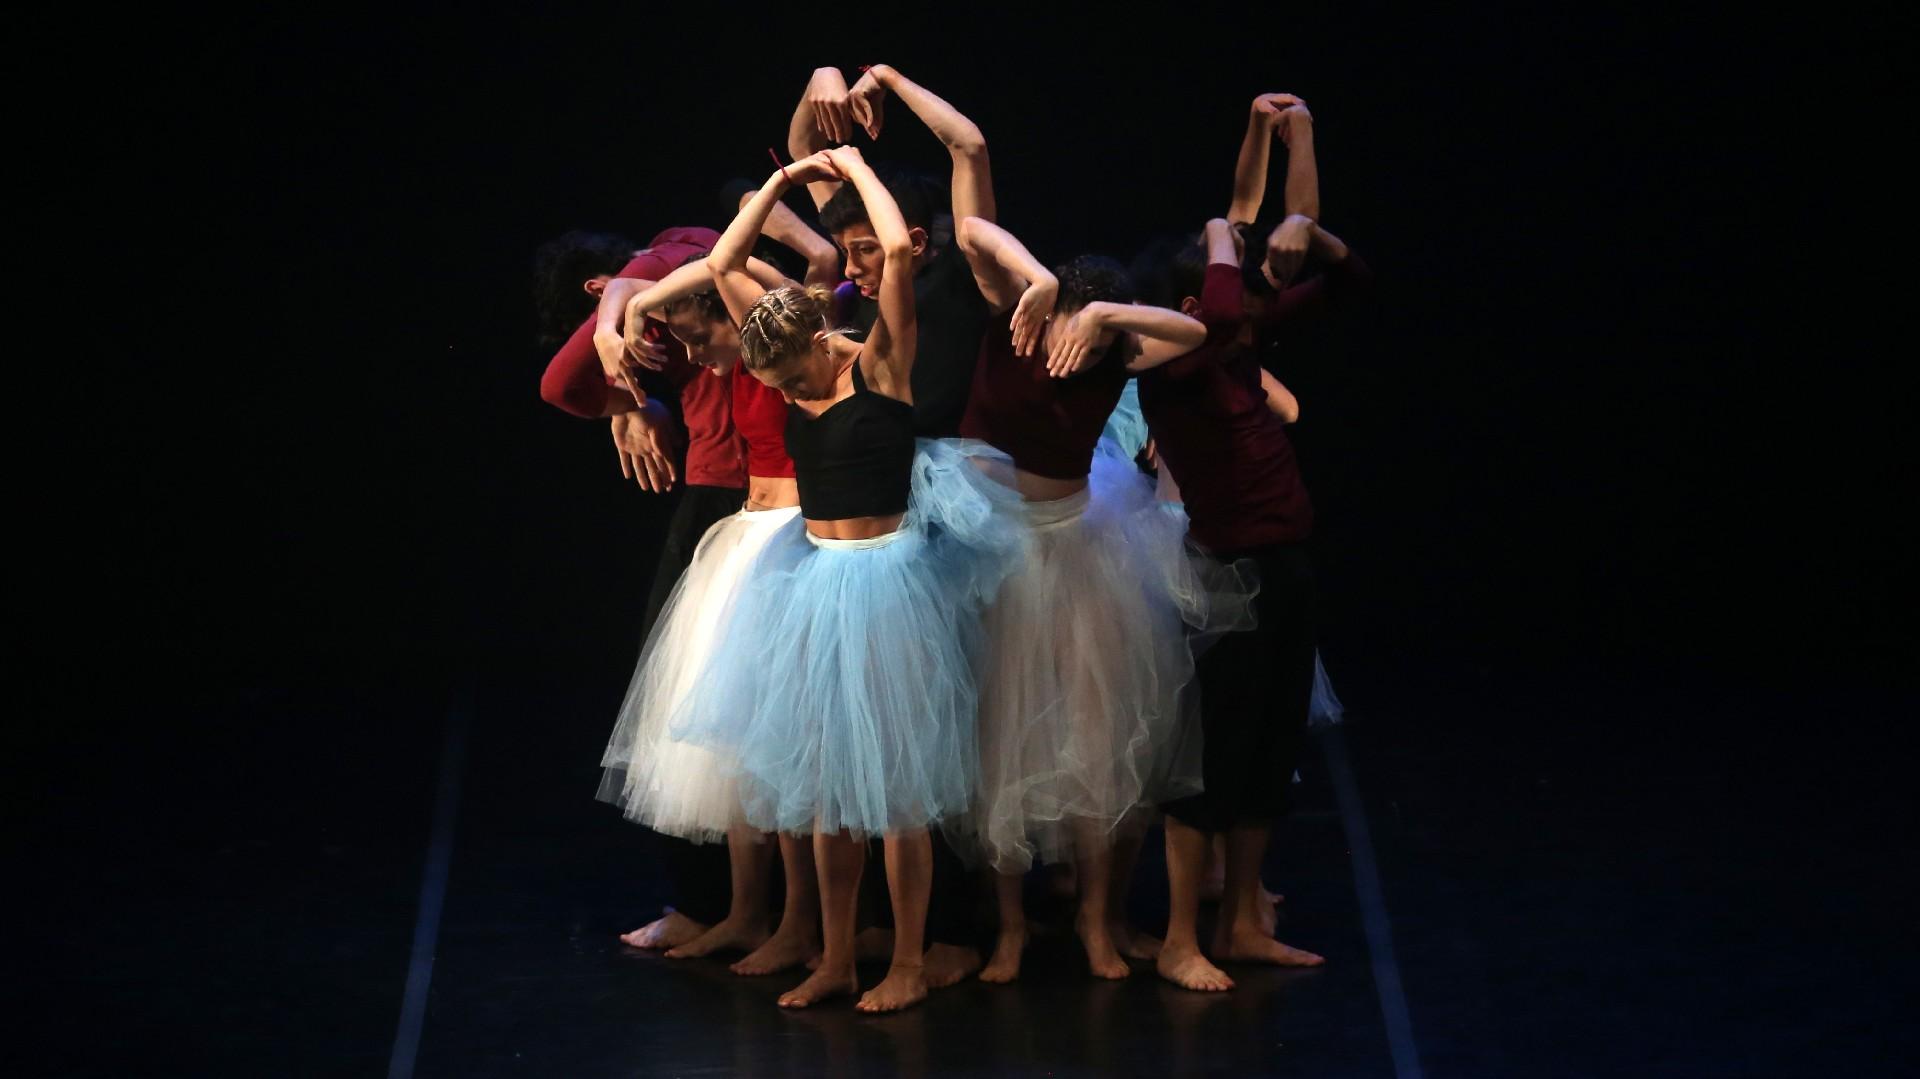 Luego, el Taller de Danzas se convertiría en un espacio con vuelo propio, consolidándose gracias a la Fundación Amigos del Teatro San Martín, que desde 2007 creó el Programa de Becas a la excelencia Ana Itelman, a fin de brindar apoyo económico a alumnos destacados